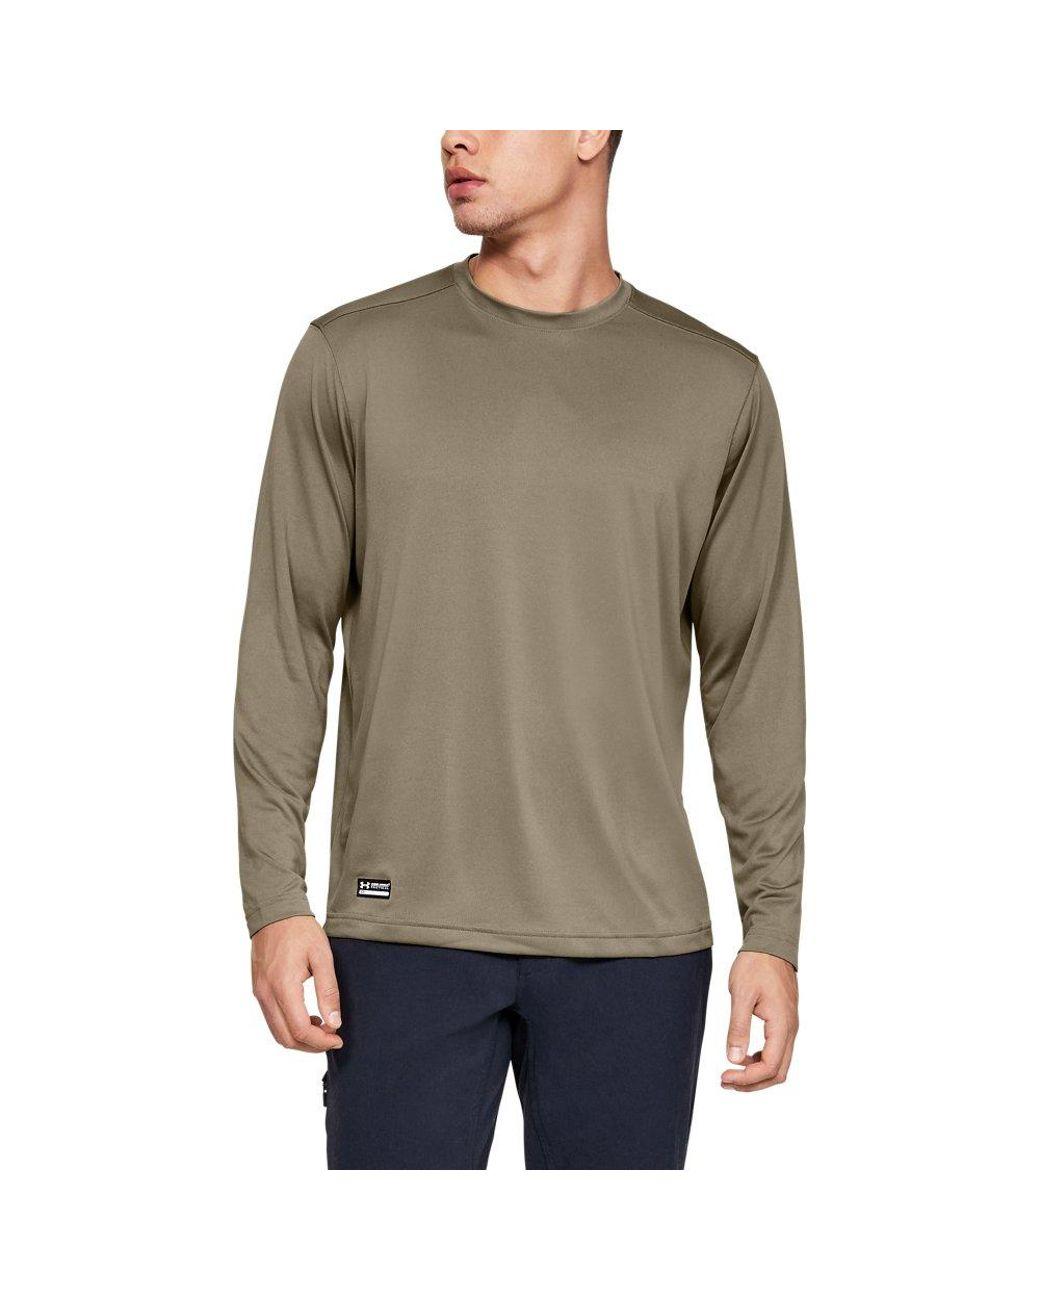 Blue Men's Ua Techtm Tactical Long Sleeve T-shirt